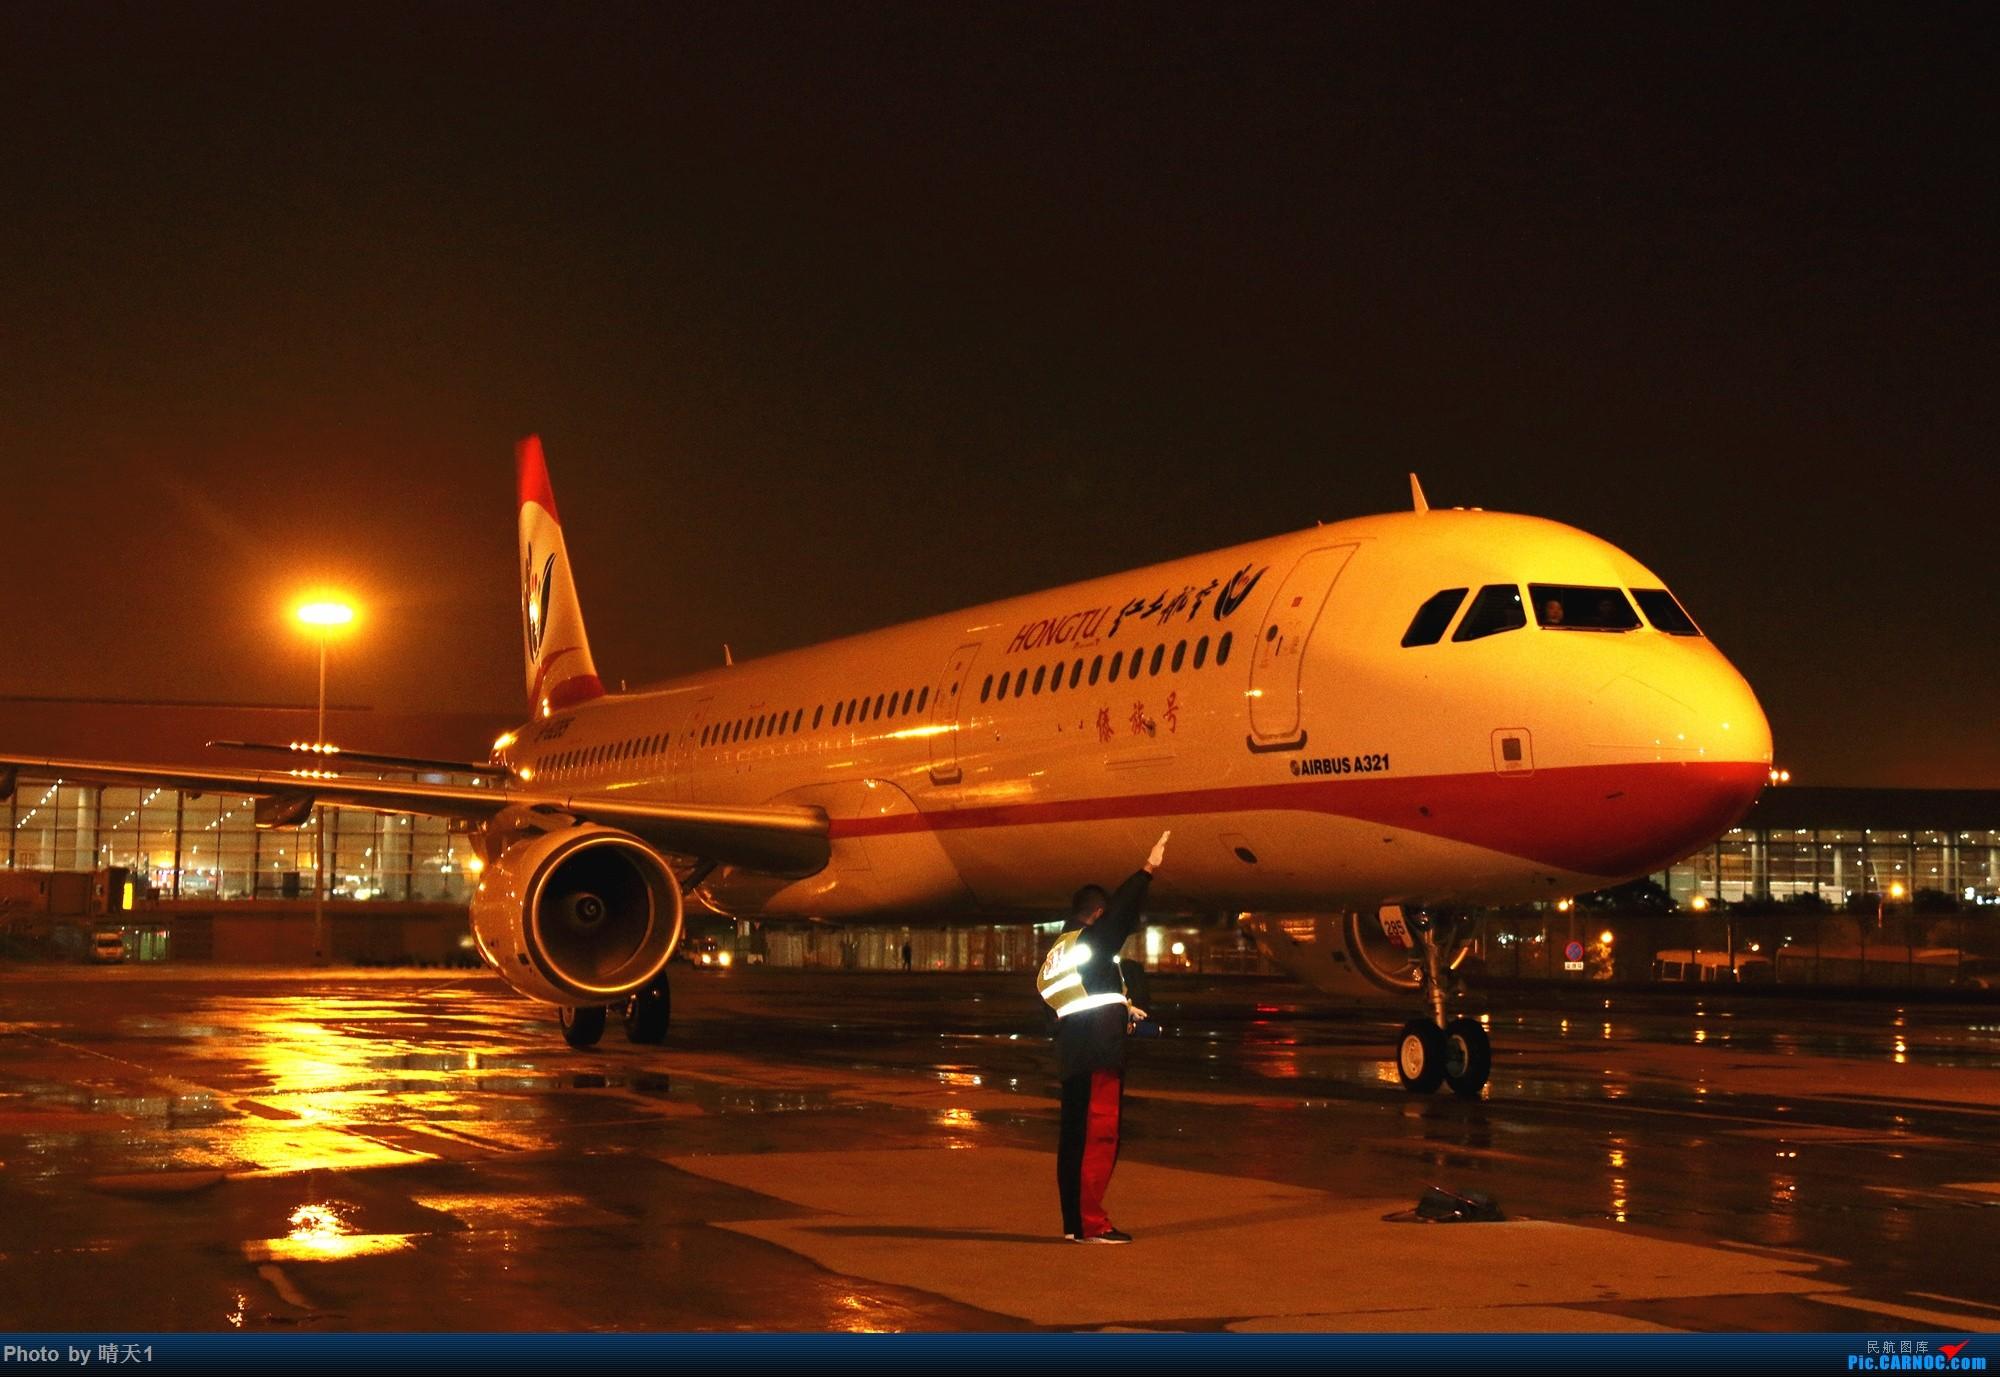 Re:[原创]红土航空验证试飞随手拍 AIRBUS A321-200 B-8285 昆明长水机场